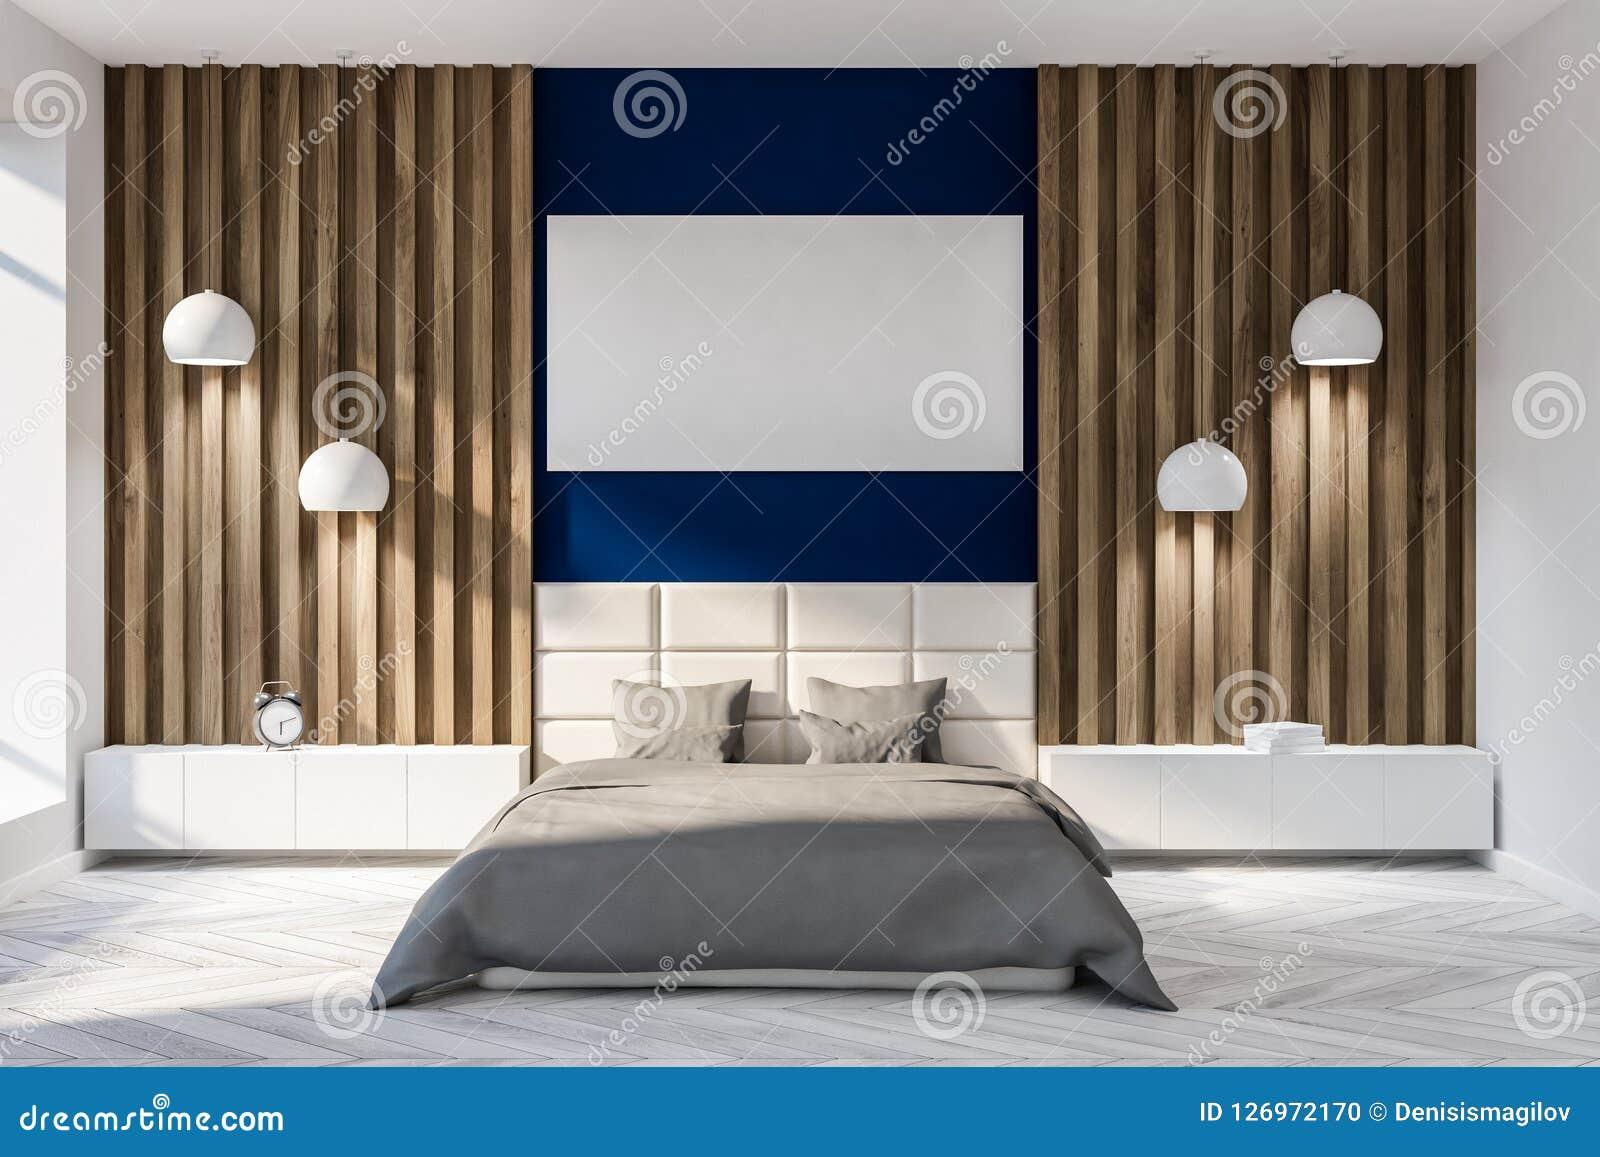 Camera Da Letto Blu : Camera da letto blu scuro e di legno letto matrice e manifesto